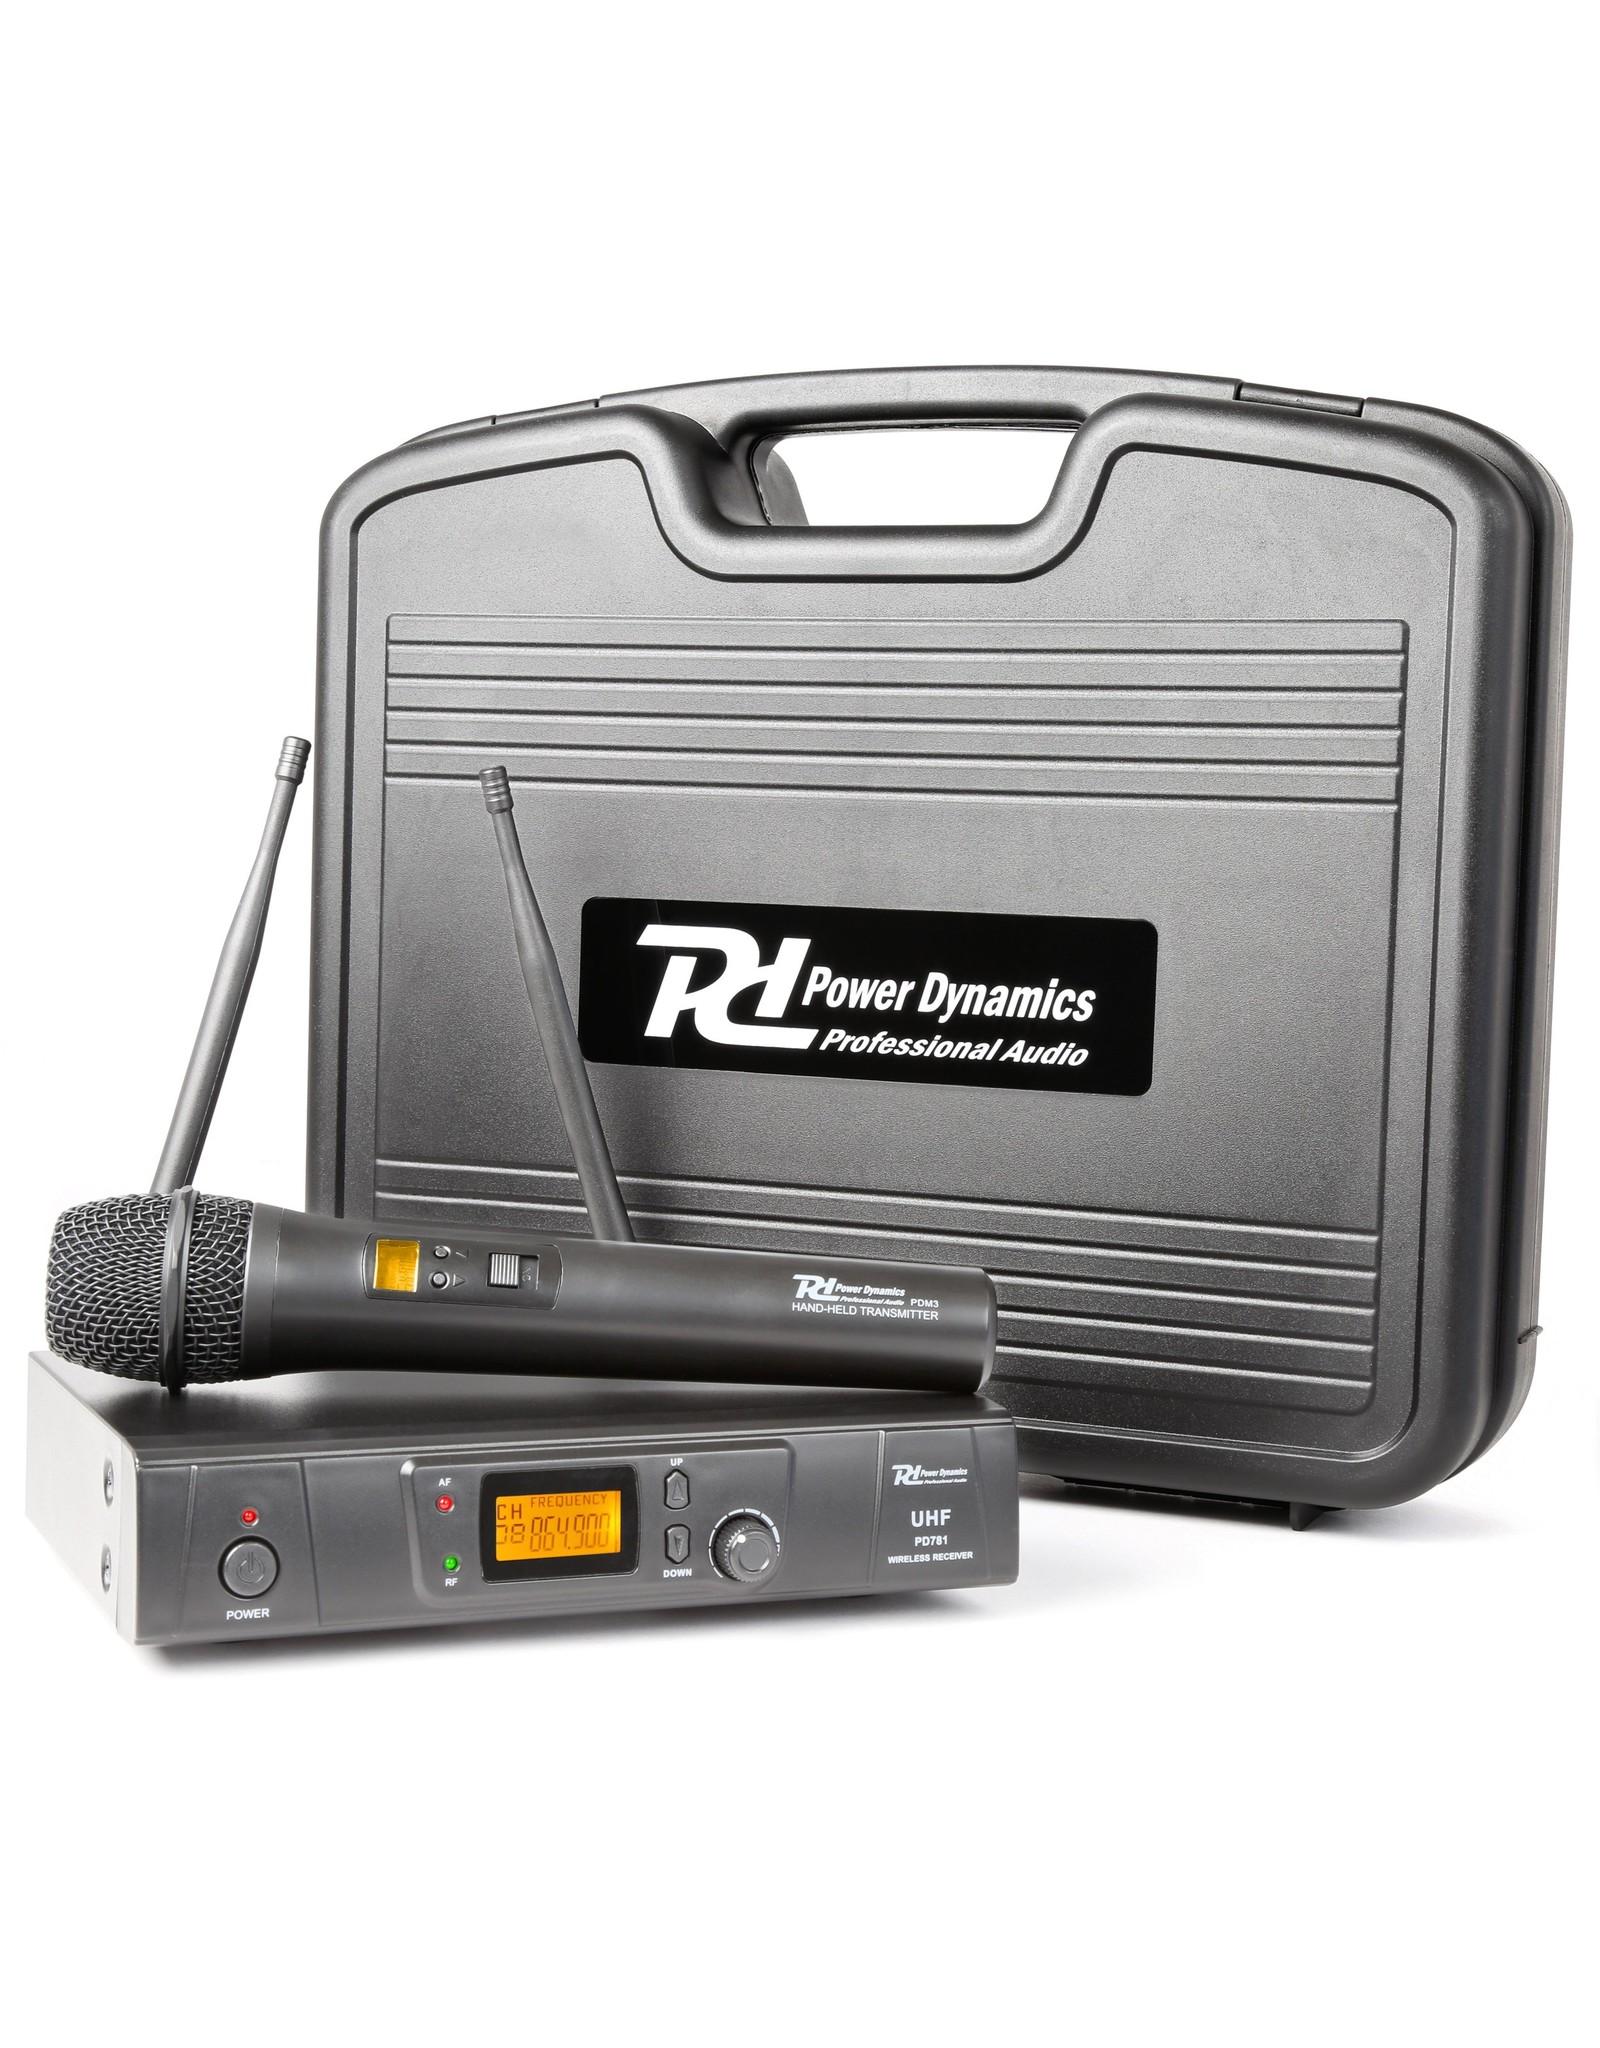 Power Dynamics Power Dynamics PD781 1x 8-Kanaals UHF Draadloos Microfoonsysteem met Microfoon